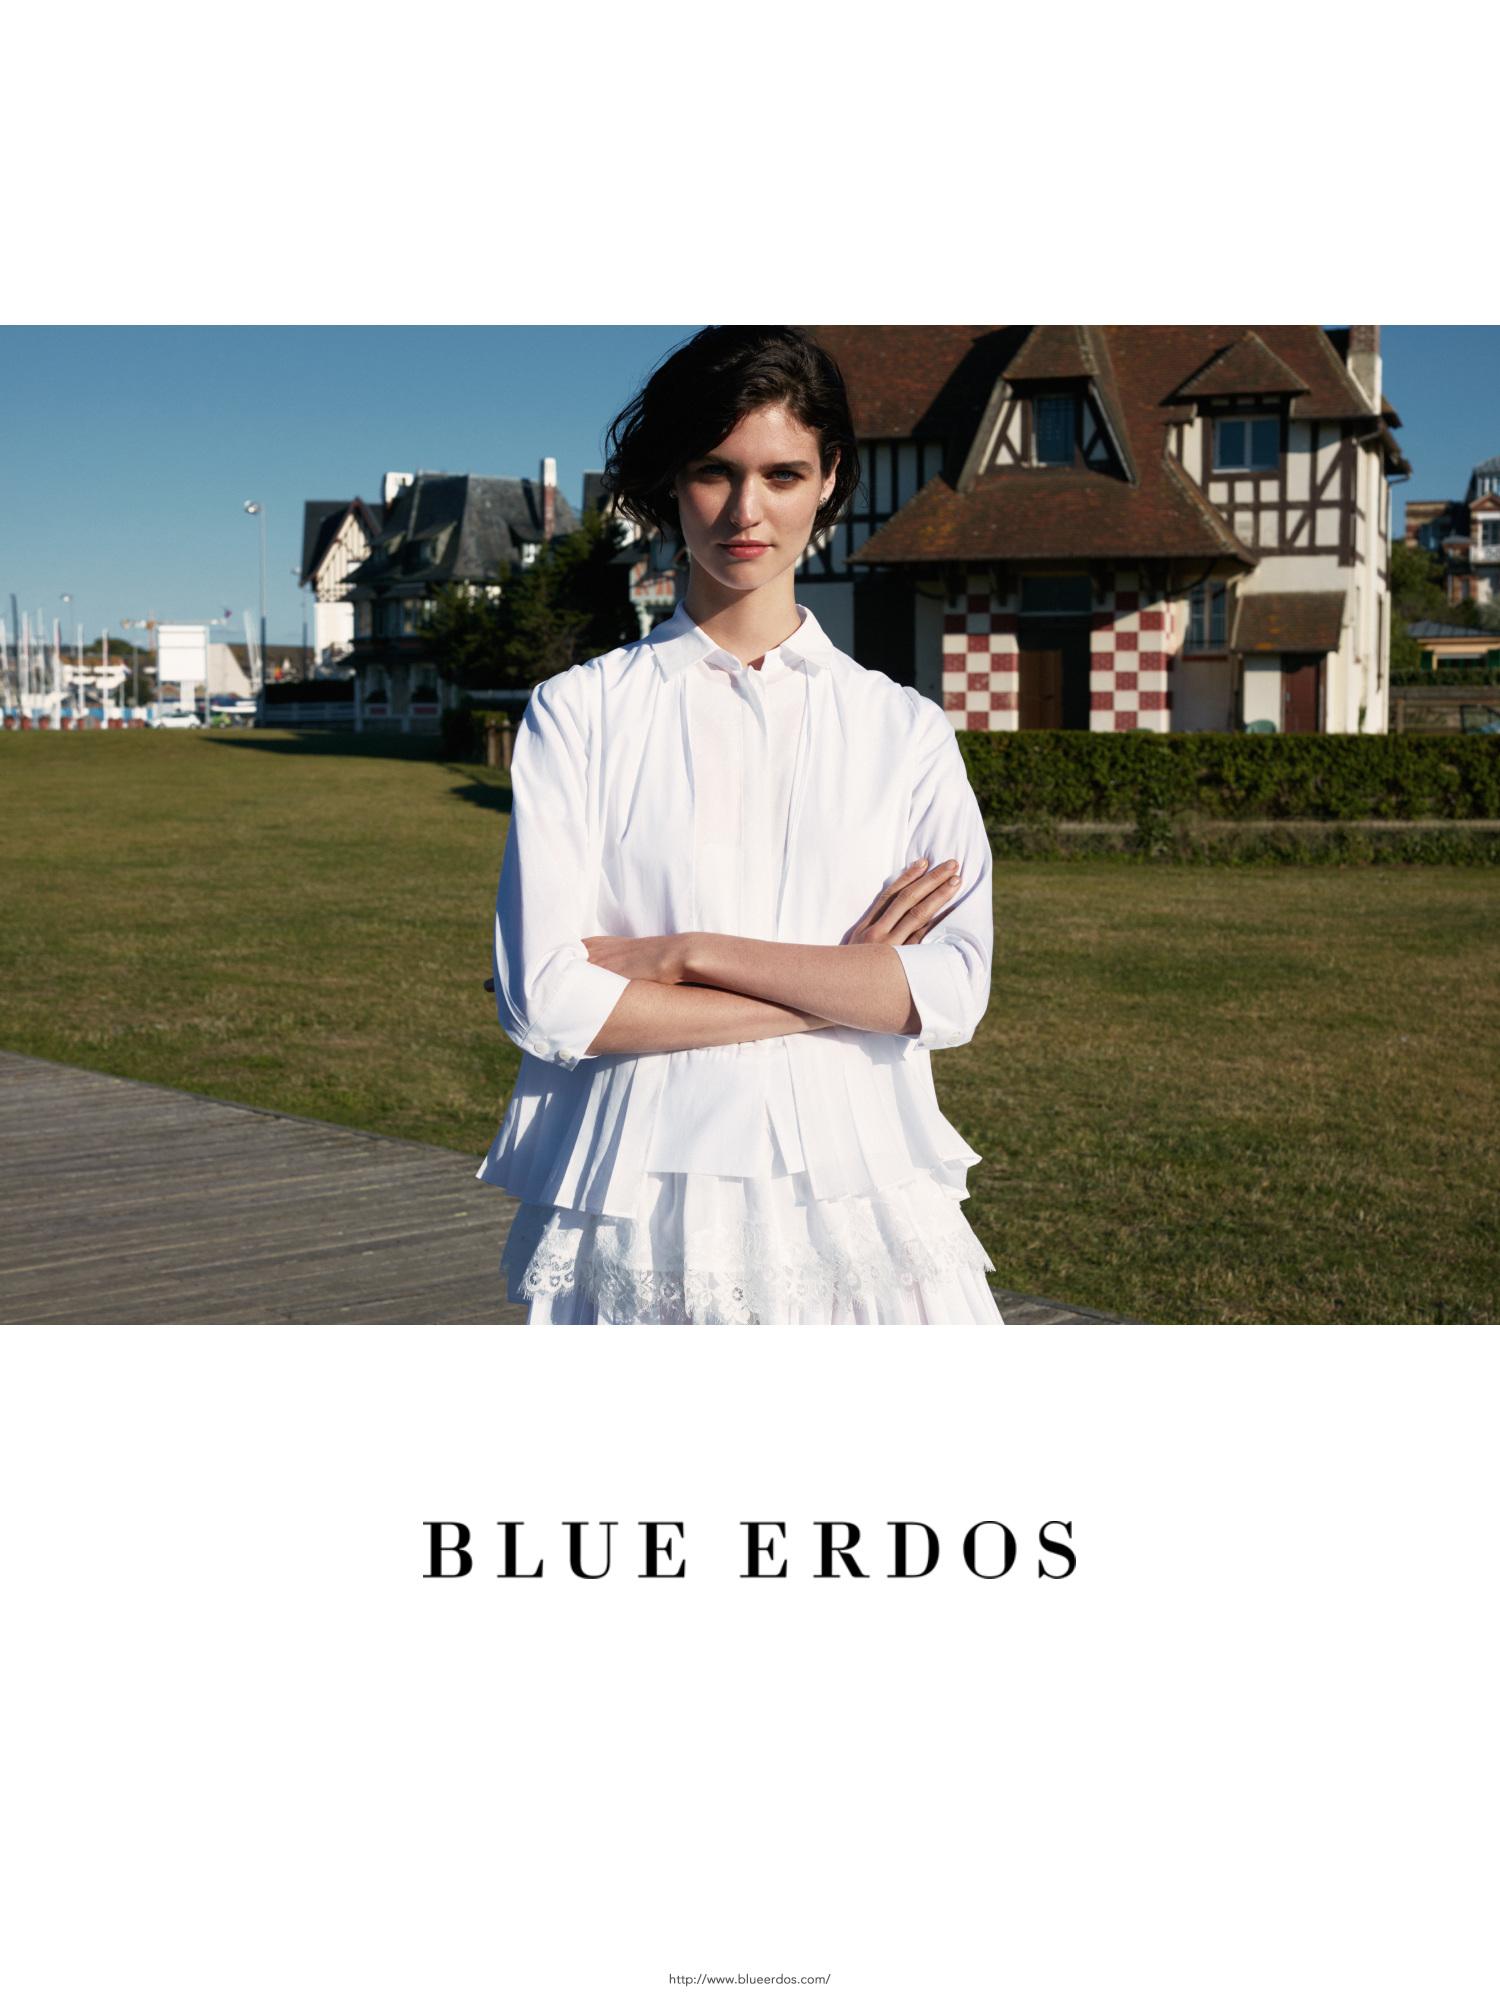 Blue Erdos 2016 Spring & Summer Campaign